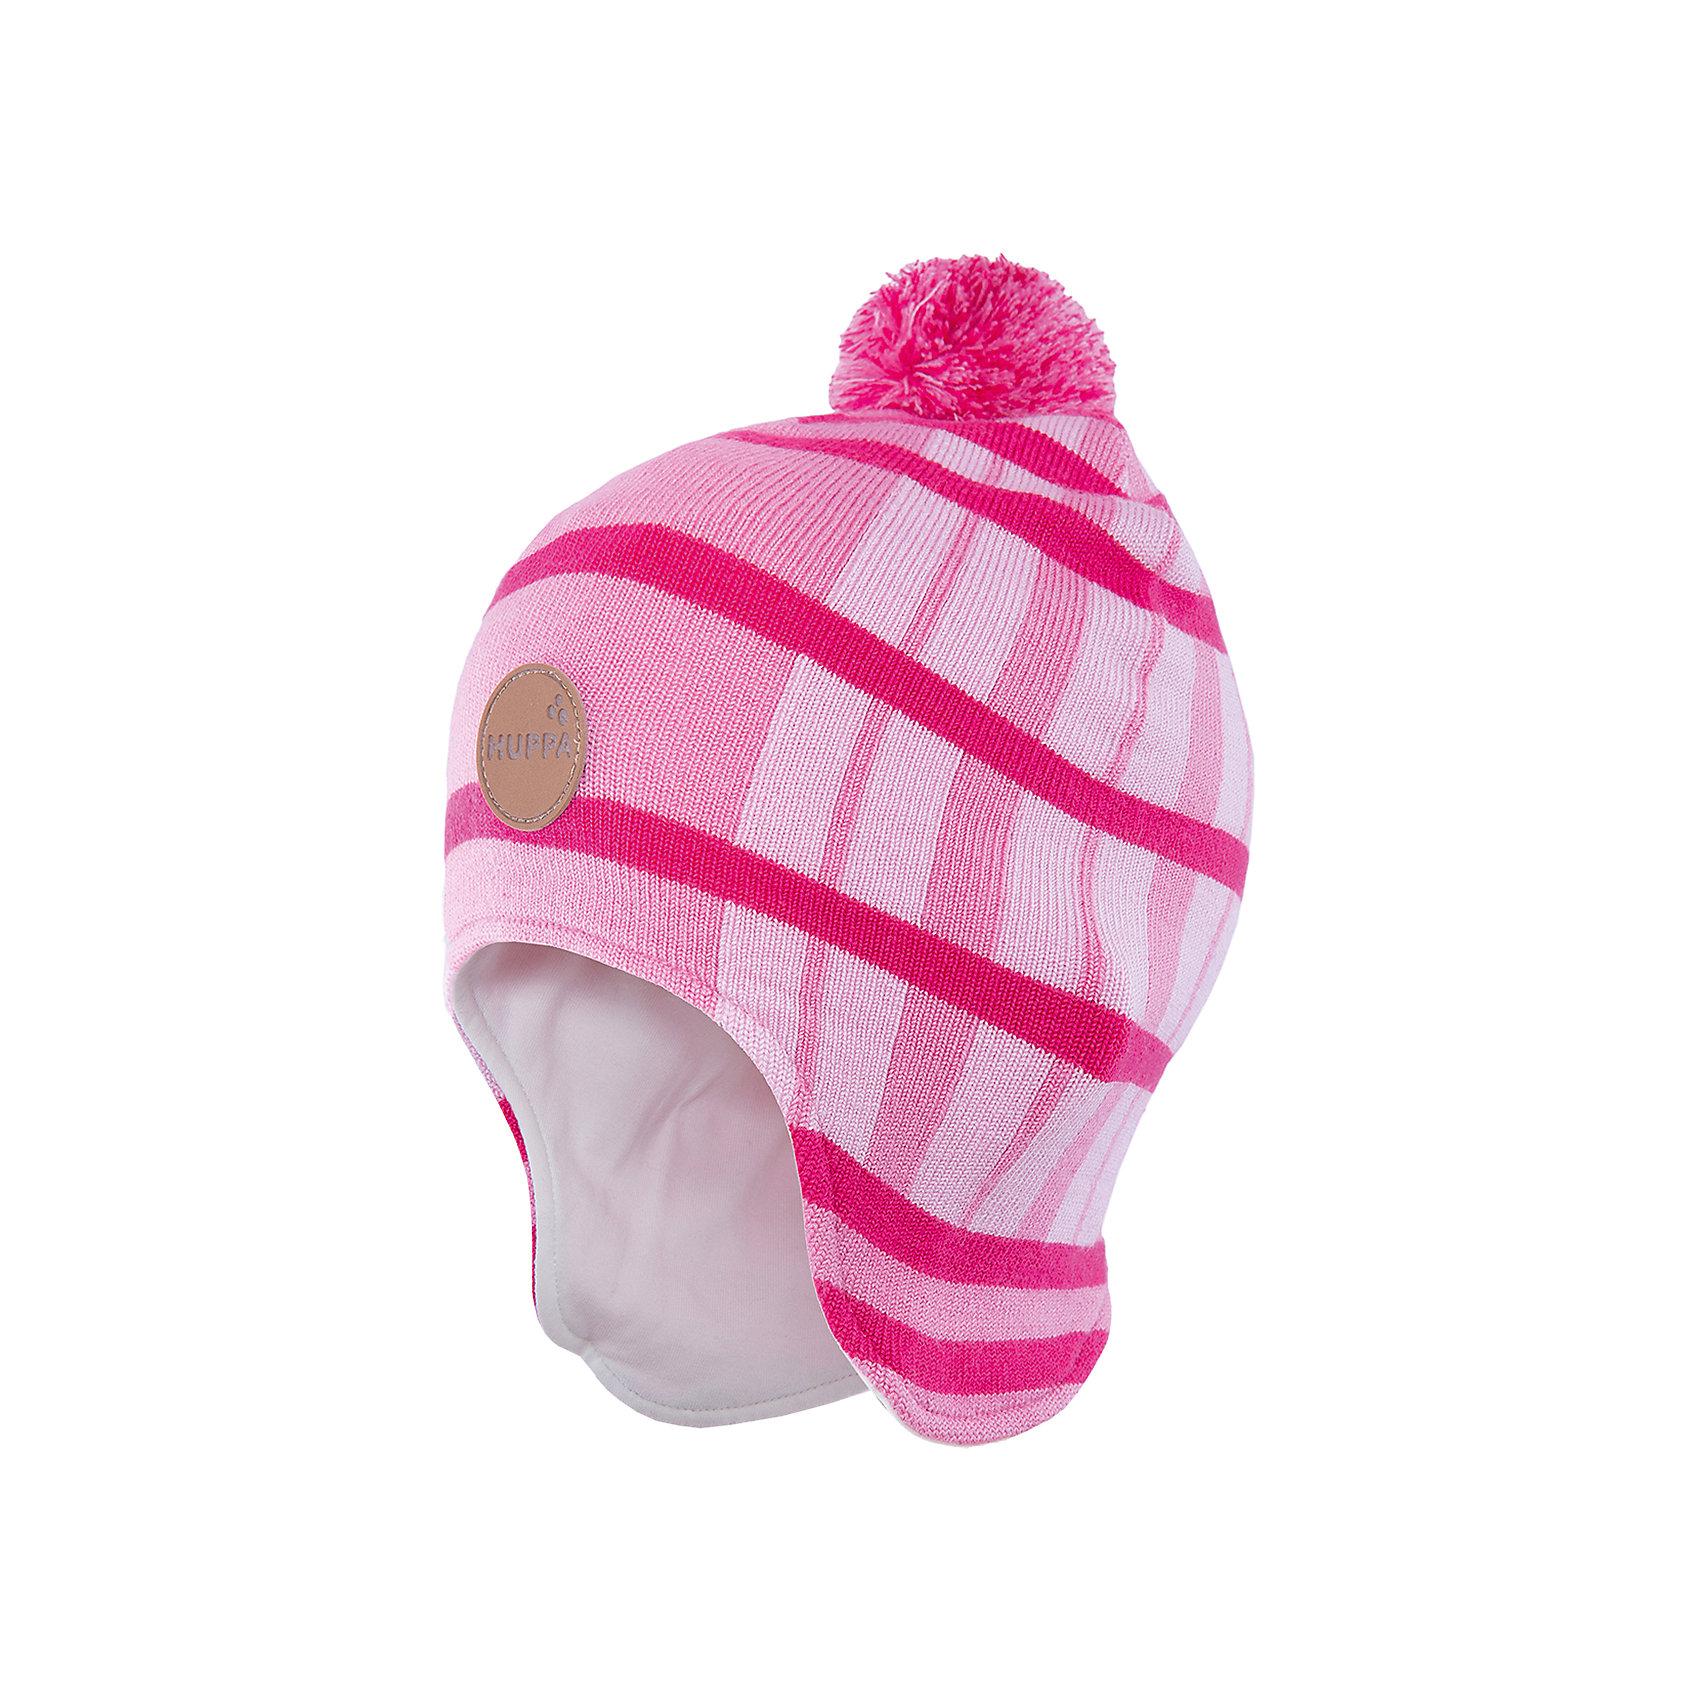 Шапка Windy HuppaГоловные уборы<br>Удлиненная вязаная шапка Windy от Huppa(Хуппа) изготовлена из шерсти мериноса и акрила. Она отлично сохраняет тепло, надежно закрывает уши и не вызывает раздражения на коже, благодаря подкладке из хлопка. Шапка имеет рисунок с полосками, помпон и эмблему фирмы спереди. В этой шапочке ребенку несомненно будет очень тепло и комфортно!<br><br>Дополнительная информация:<br>Цвет: розовый<br>Материал: 100% полиэстер<br>Подкладка: трикотаж - 100% хлопок<br><br>Шапку Huppa(Хуппа) вы можете приобрести в нашем интернет-магазине.<br><br>Ширина мм: 89<br>Глубина мм: 117<br>Высота мм: 44<br>Вес г: 155<br>Цвет: розовый<br>Возраст от месяцев: 12<br>Возраст до месяцев: 24<br>Пол: Женский<br>Возраст: Детский<br>Размер: 47-49,55-57,51-53<br>SKU: 4923549